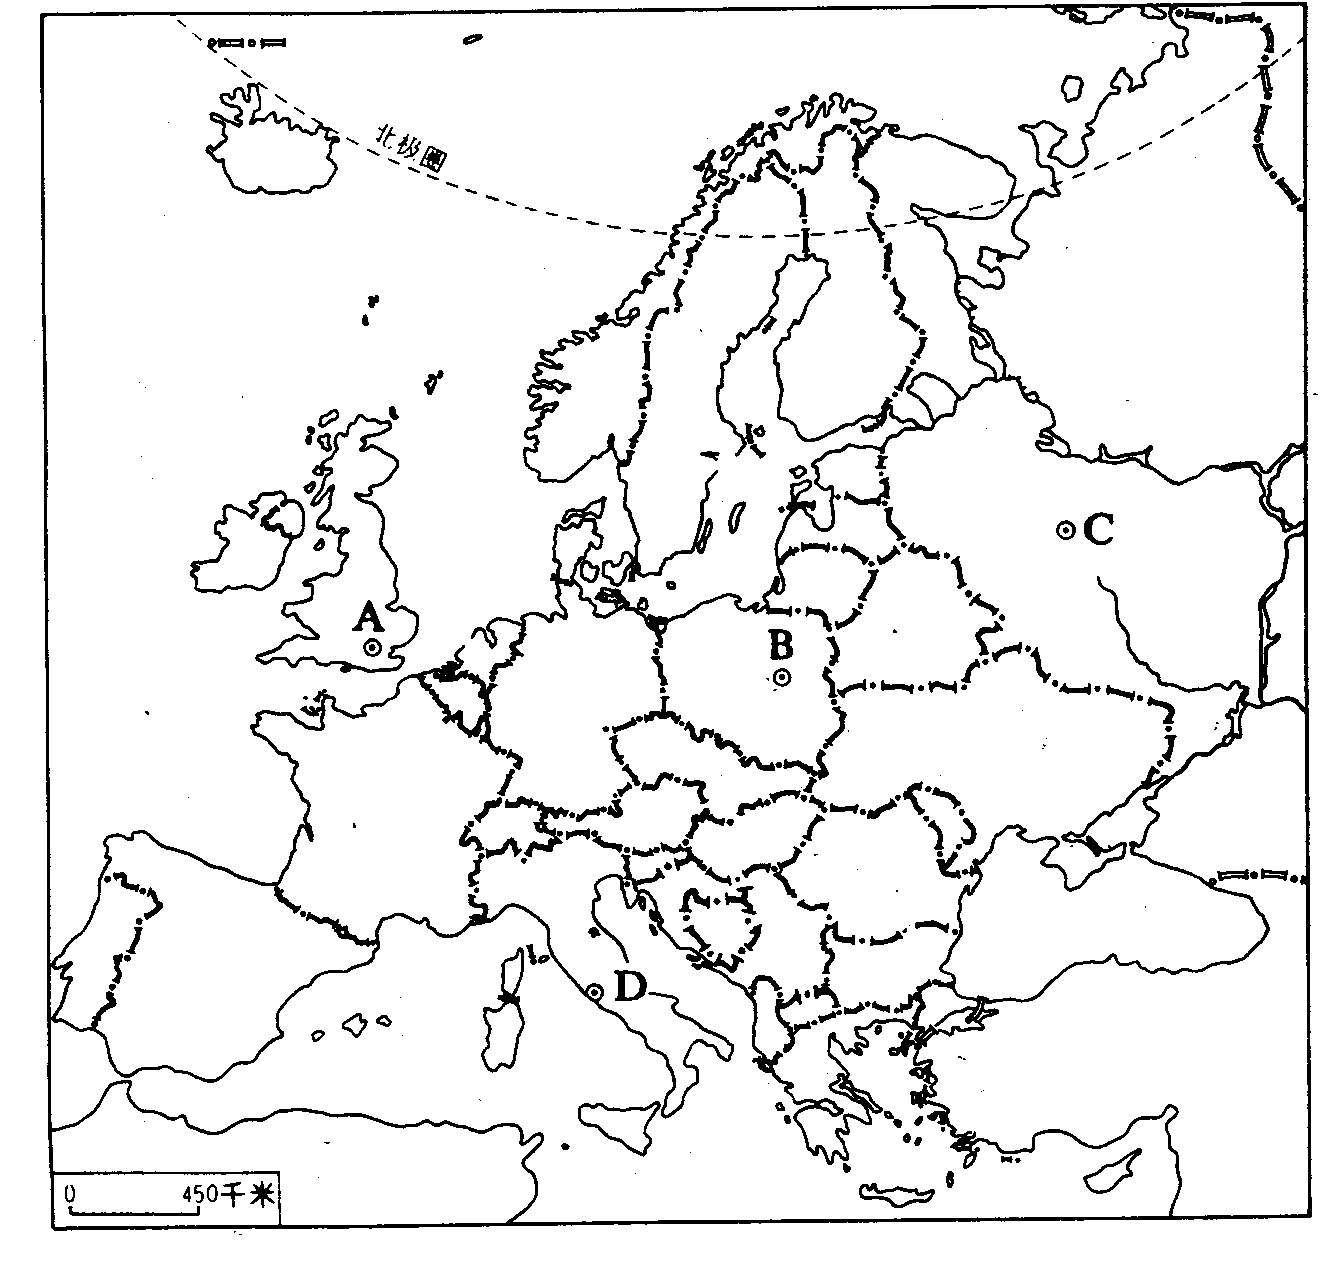 欧洲东部与北亚 拉丁美洲练习 中国电子 欧洲地形 世界空白地图 欧洲